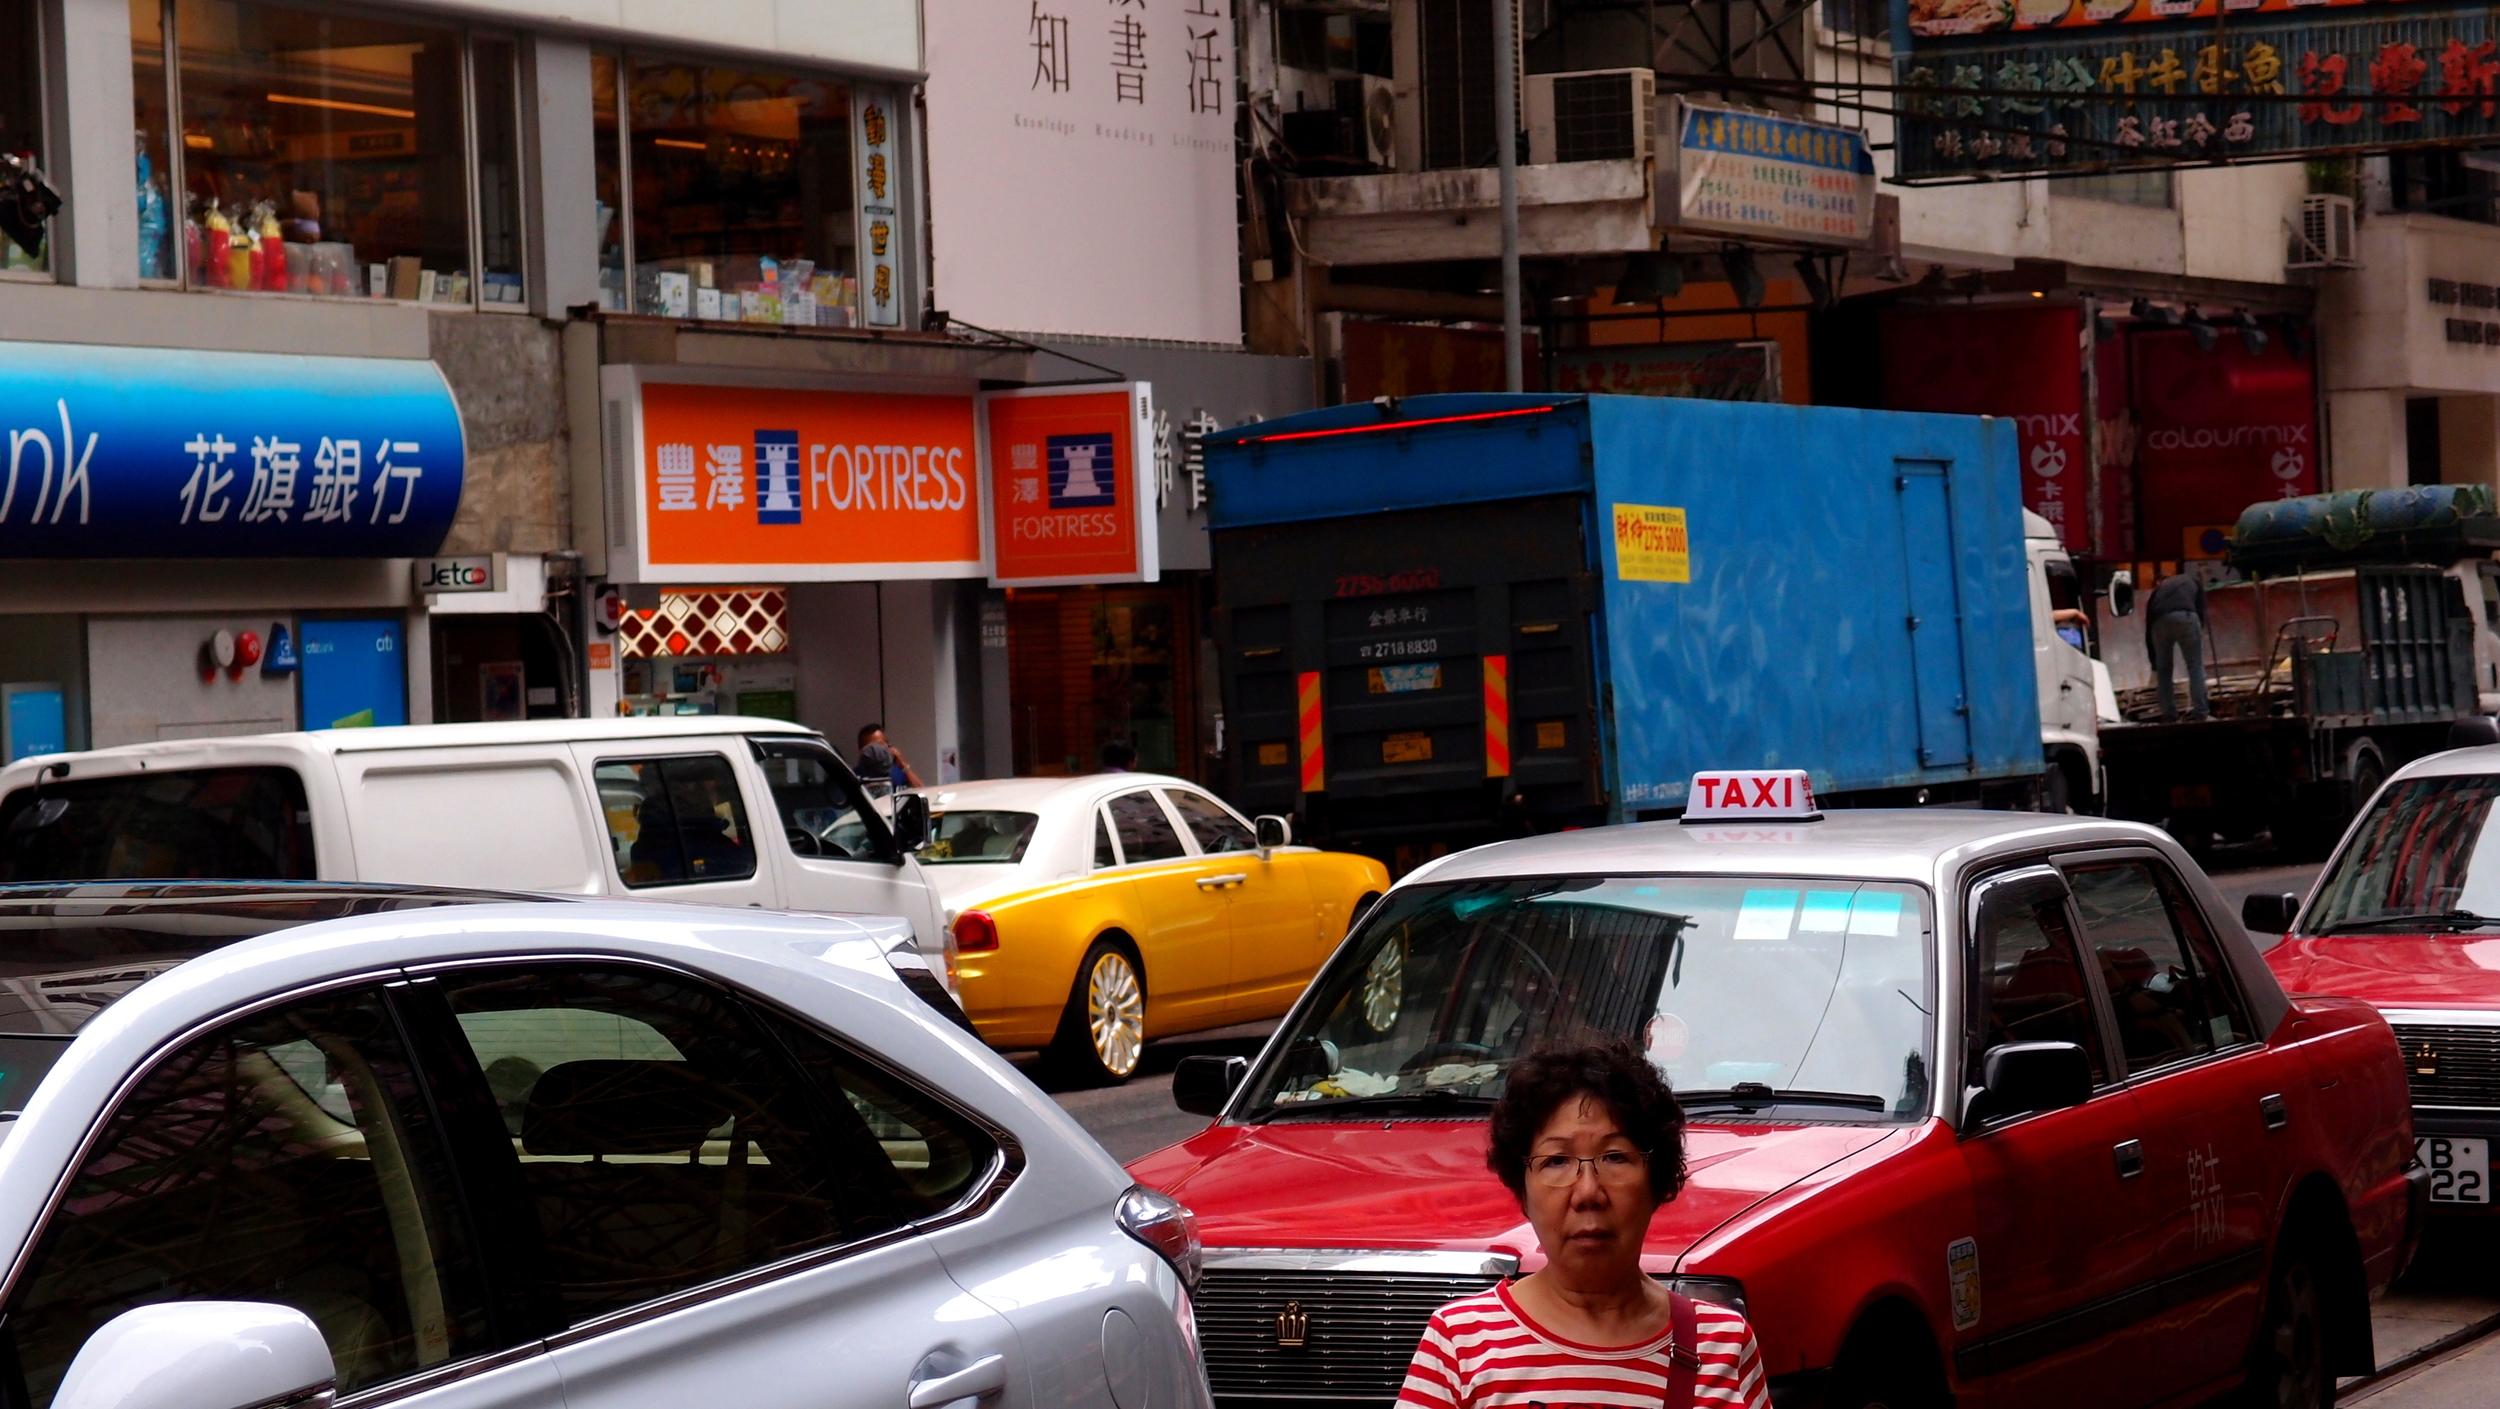 My favourite Rolls Royce lurking in a dodgy looking street in Wanchai